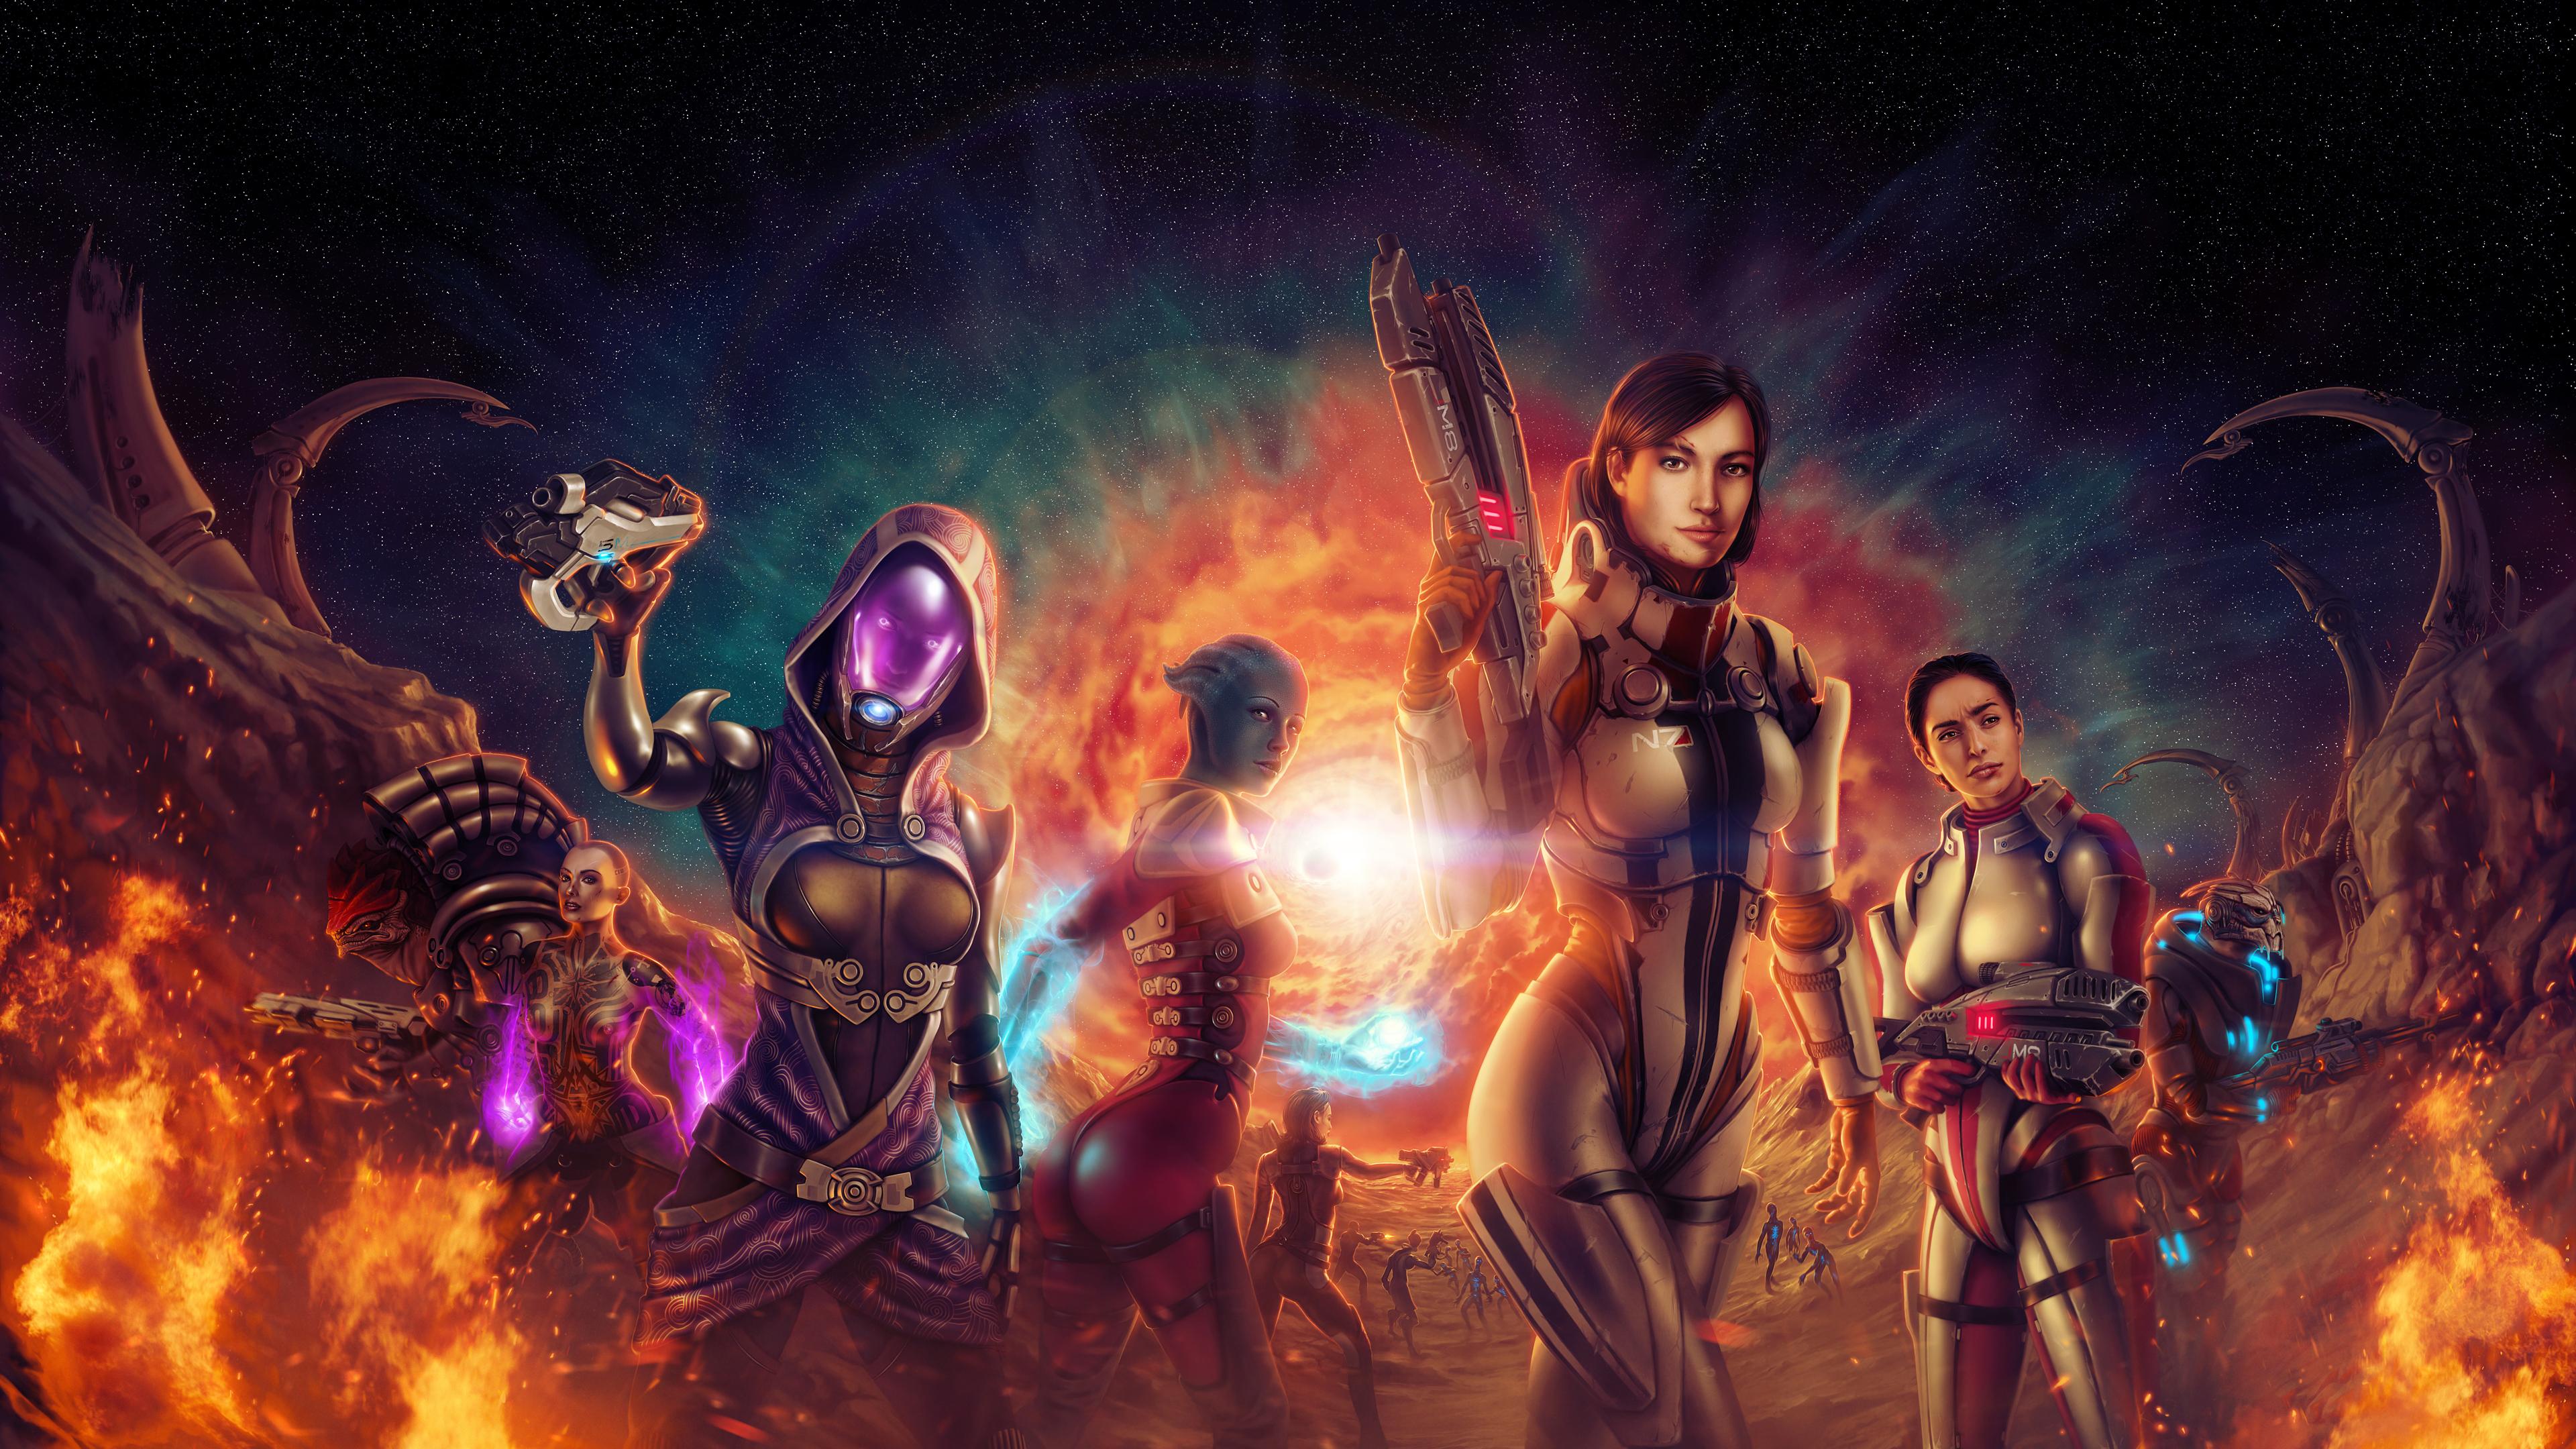 Wallpaper 4k Mass Effect Endgame 4k 4k Wallpapers